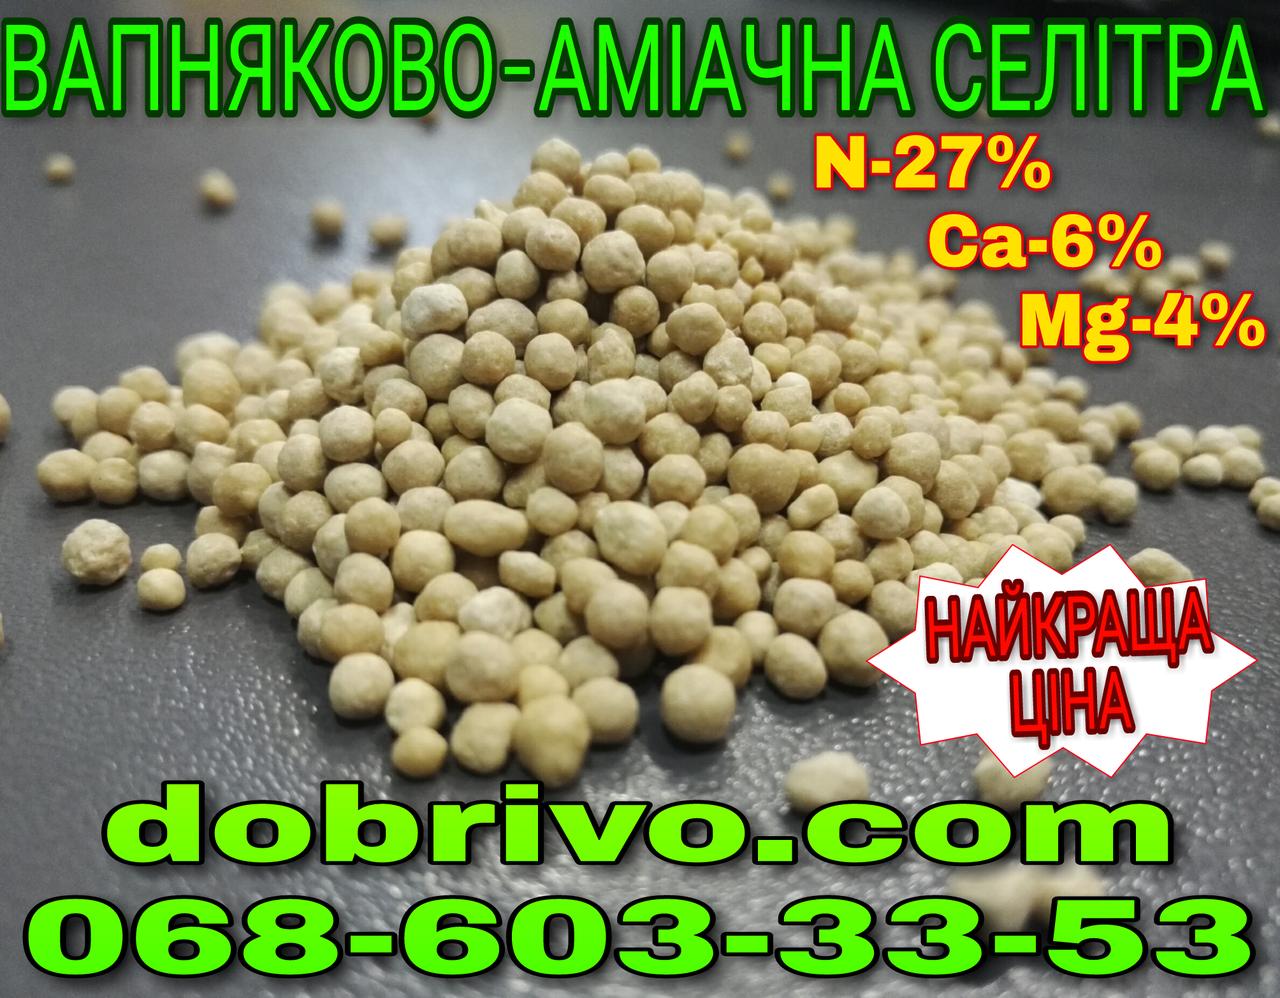 Известковая селитра N-27%, Ca-6%, Mg-4% (мешки по 50кг, биг бэги)